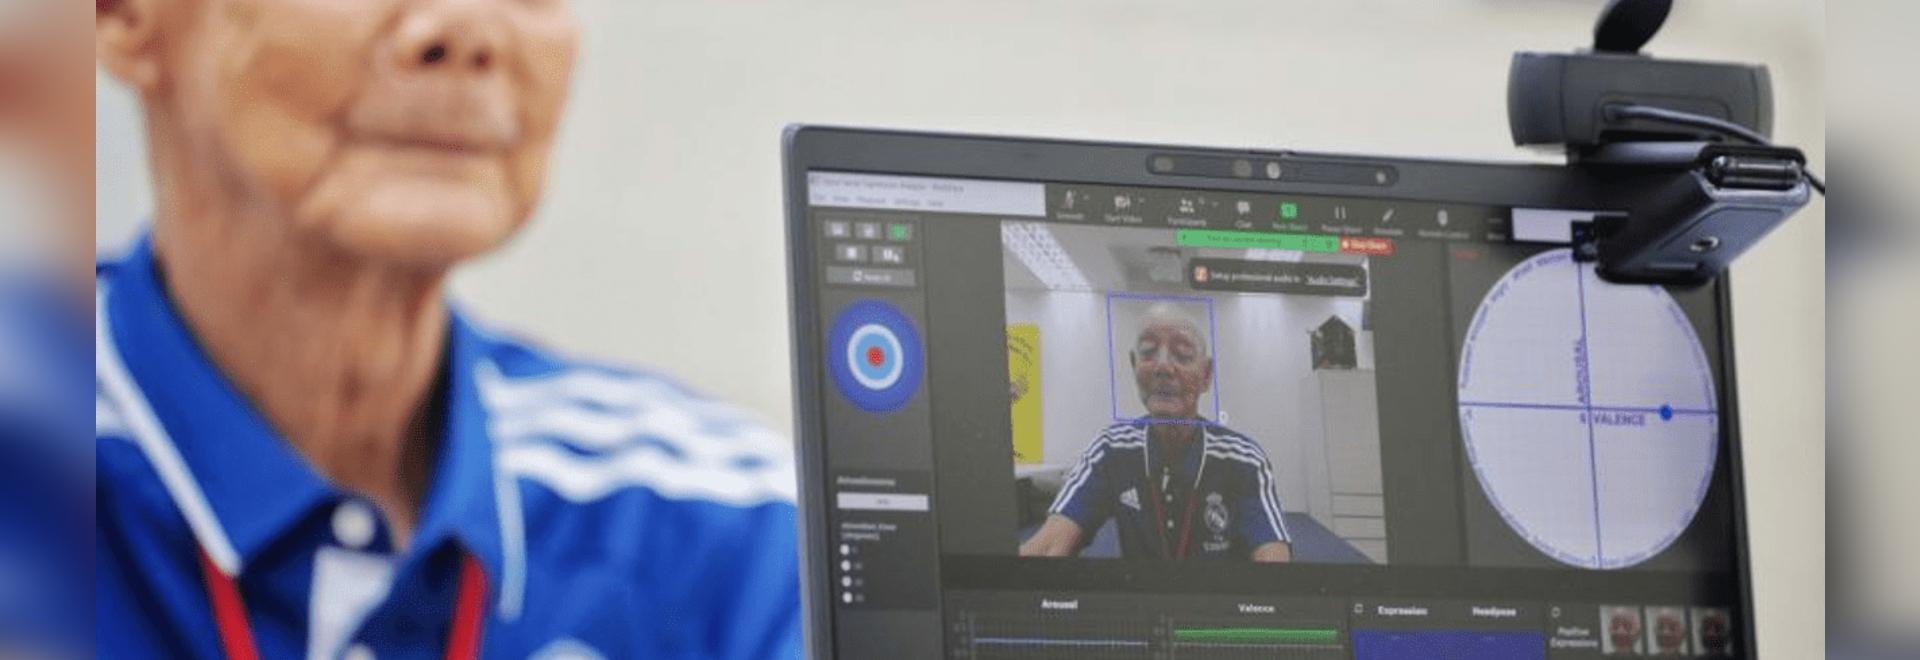 KI-gestützte Technologie zur Emotionsanalyse hilft bei der Diagnose von psychischen Erkrankungen bei Senioren in Singapur